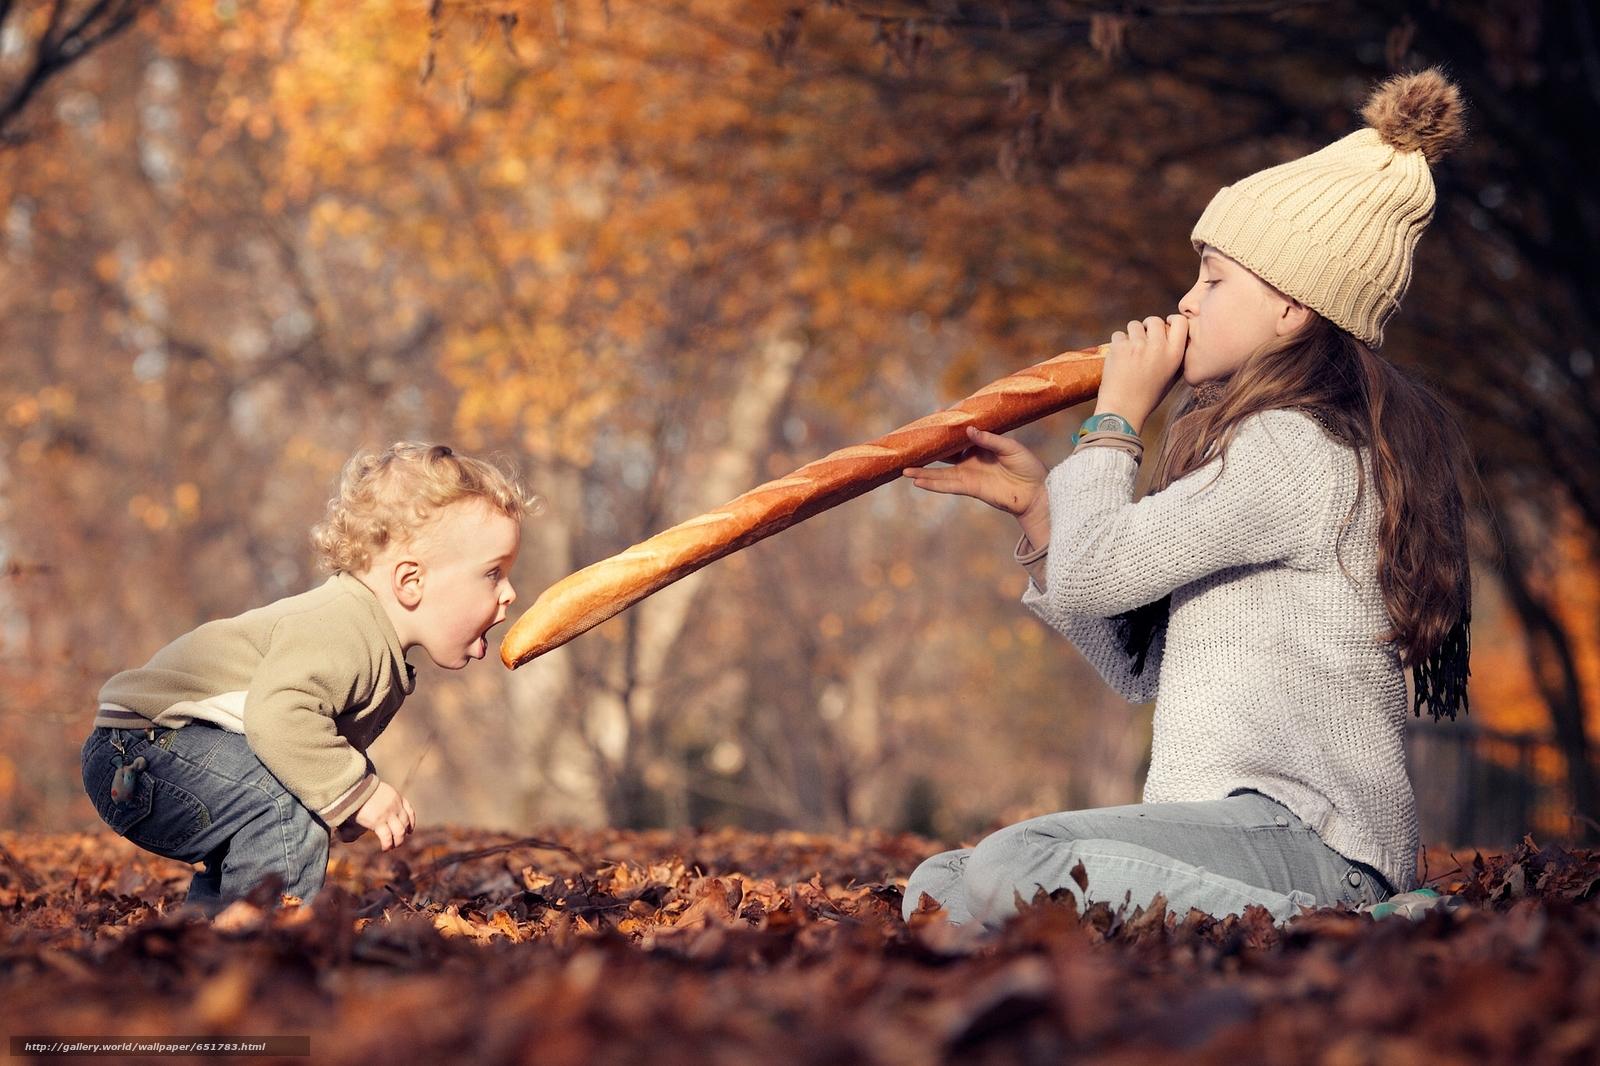 Скачать обои дети,  девочка,  мальчик,  багет бесплатно для рабочего стола в разрешении 2048x1365 — картинка №651783